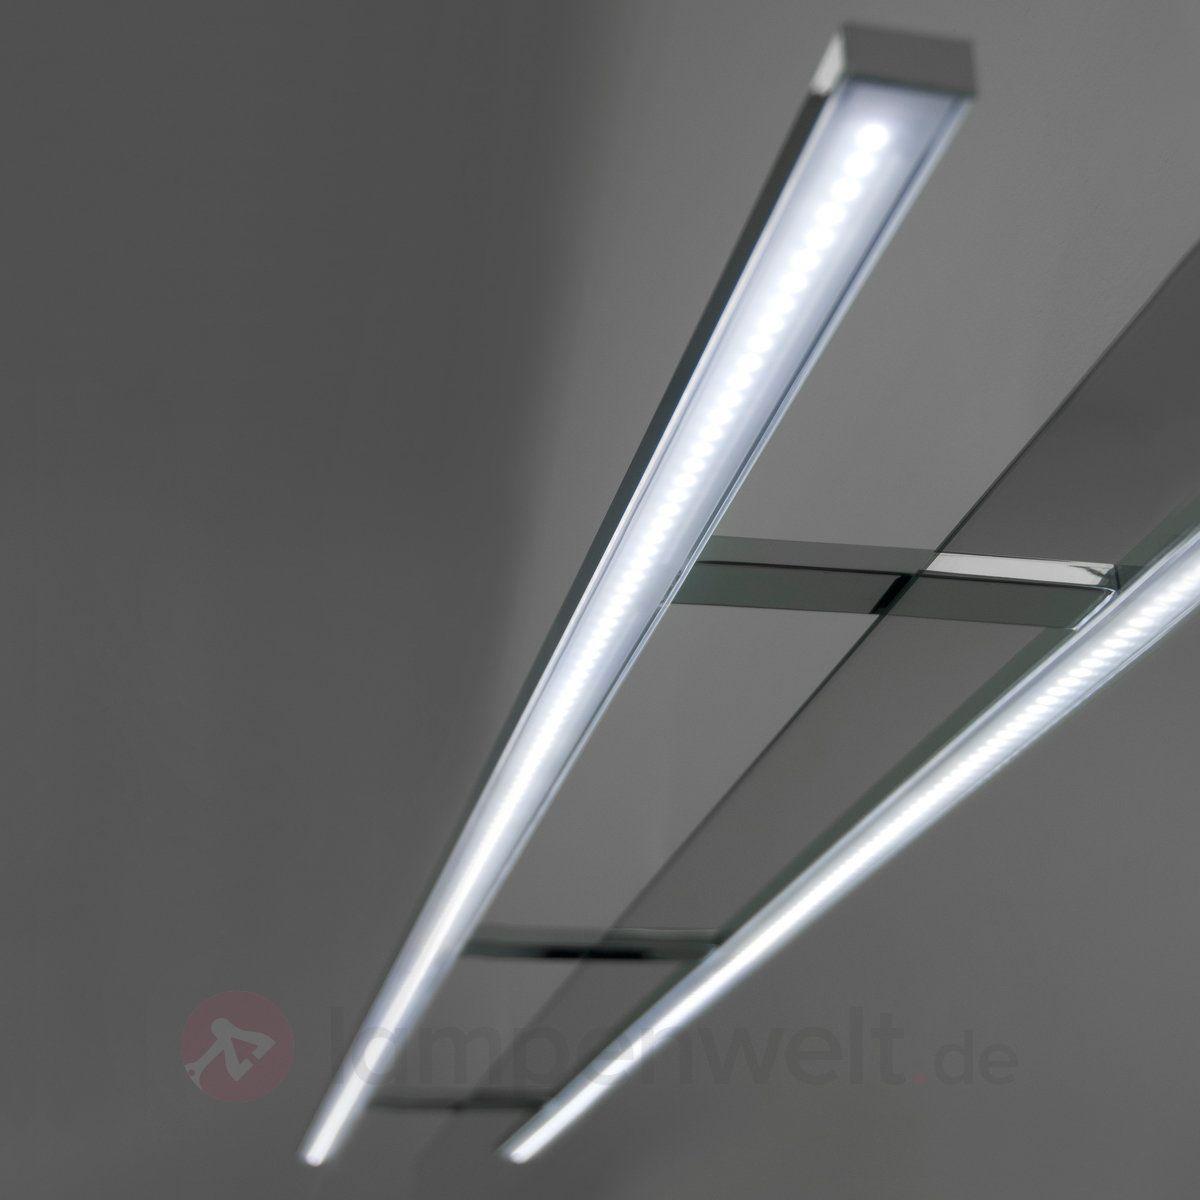 100 Cm Breite Led Spiegellampe Esther Spiegellampe Led Spiegel Lampe